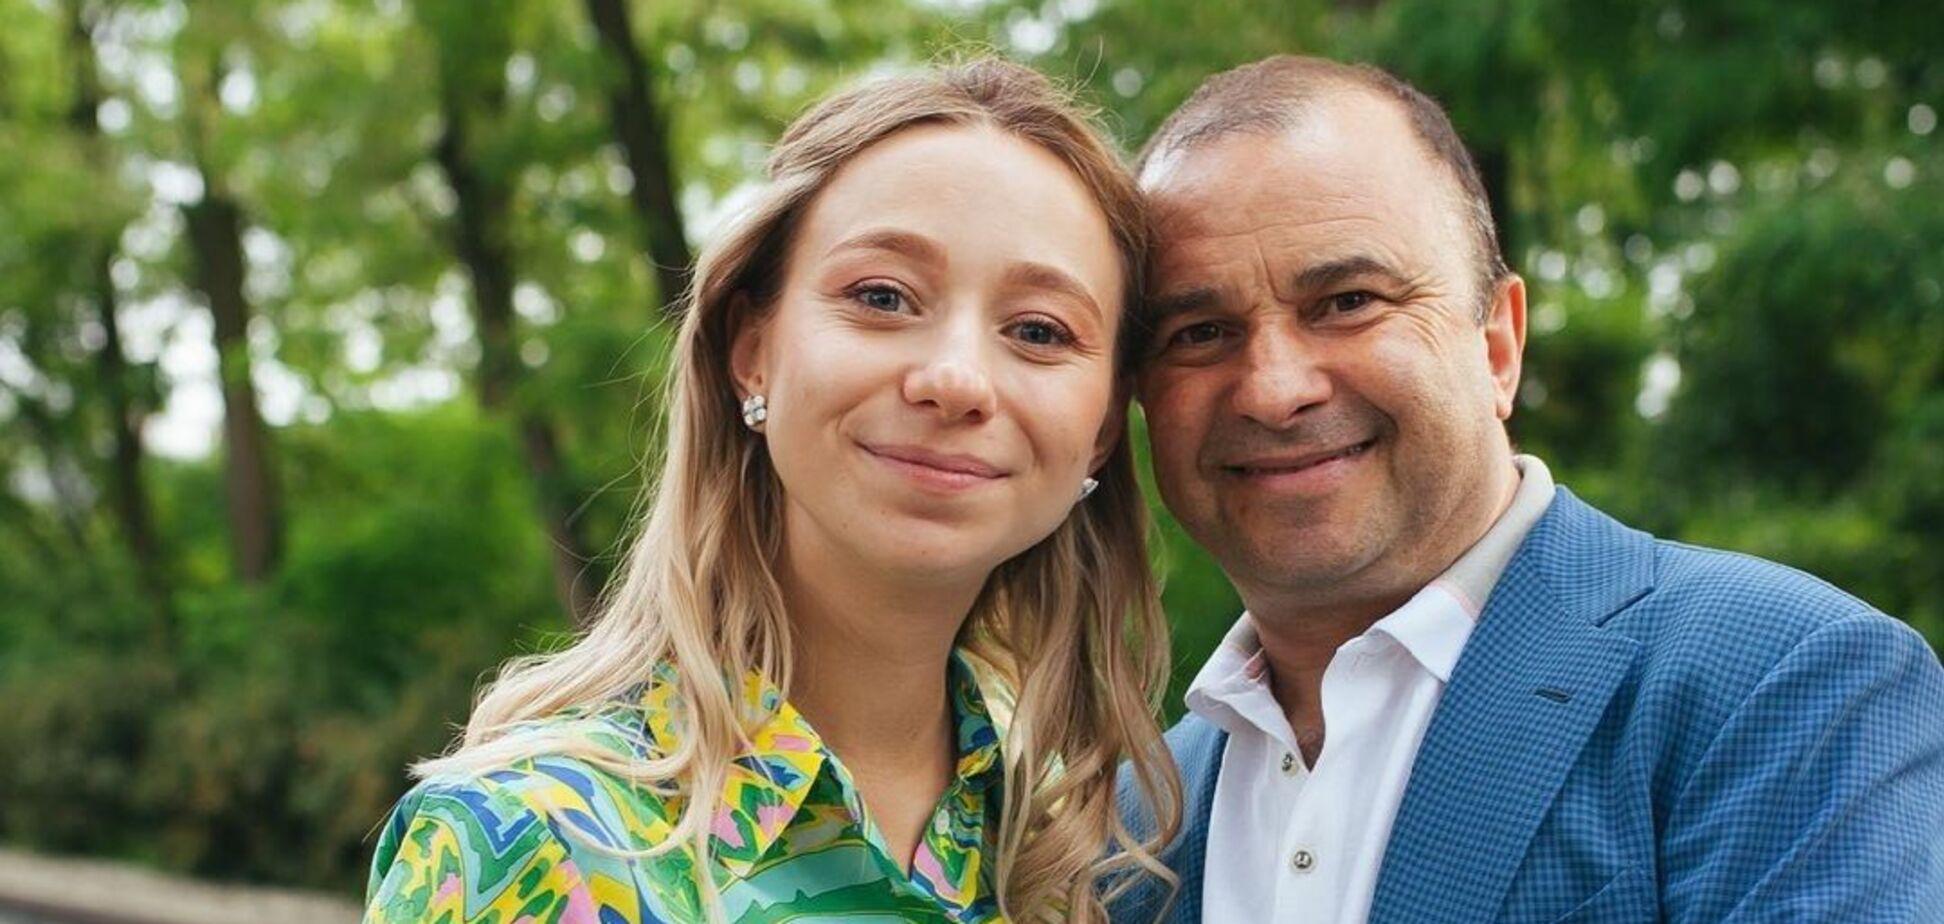 Віктор Павлік розкрив правду про сварки з молодою дружиною